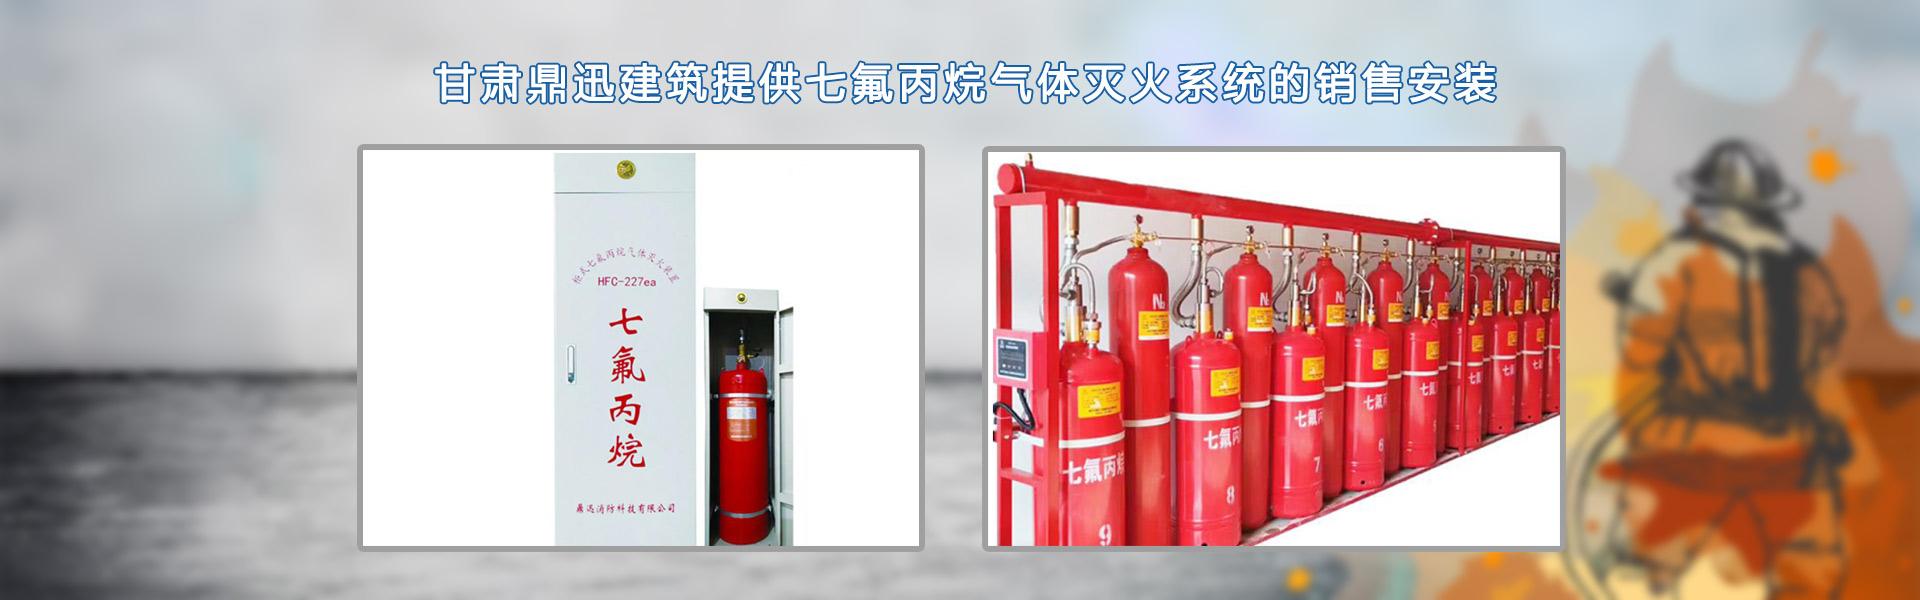 兰州七氟丙烷气体灭火装置